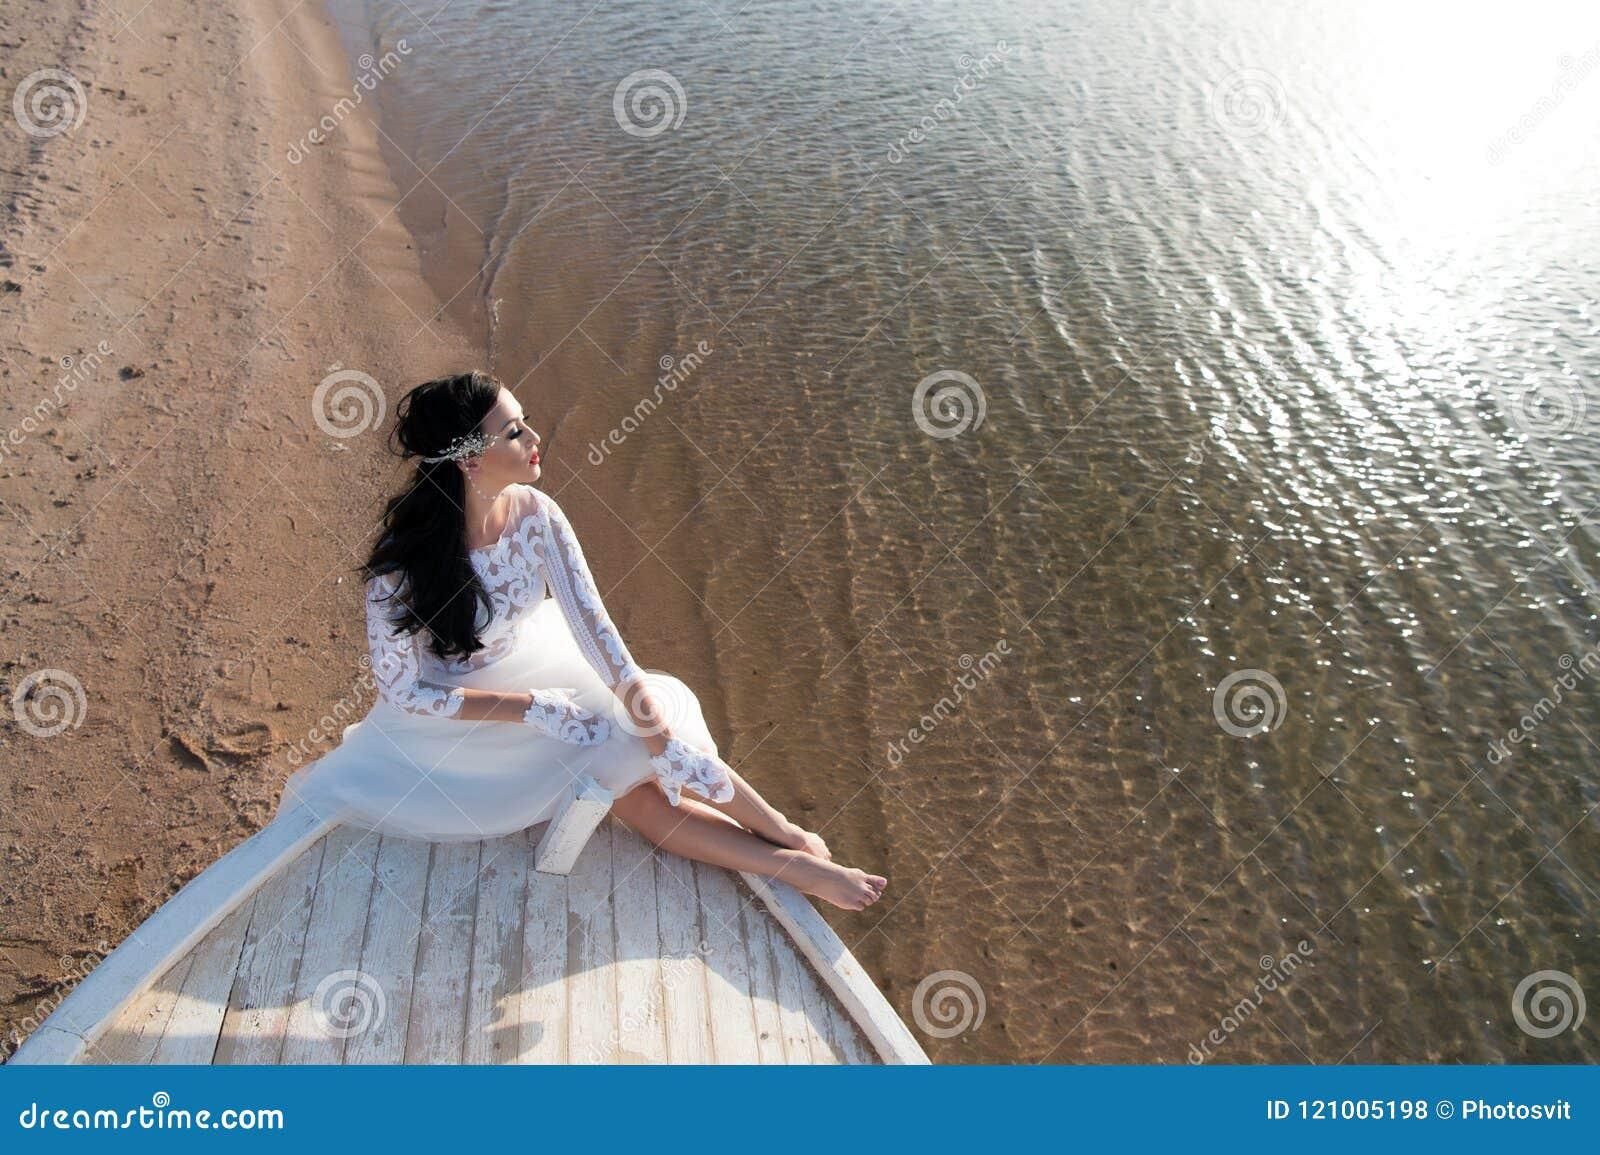 Panny młodej ślubnej sukni uroczy biały słoneczny dzień siedzi na łodzi lub statku Miesiąca miodowego morza plaża Rzeczy rozważaj